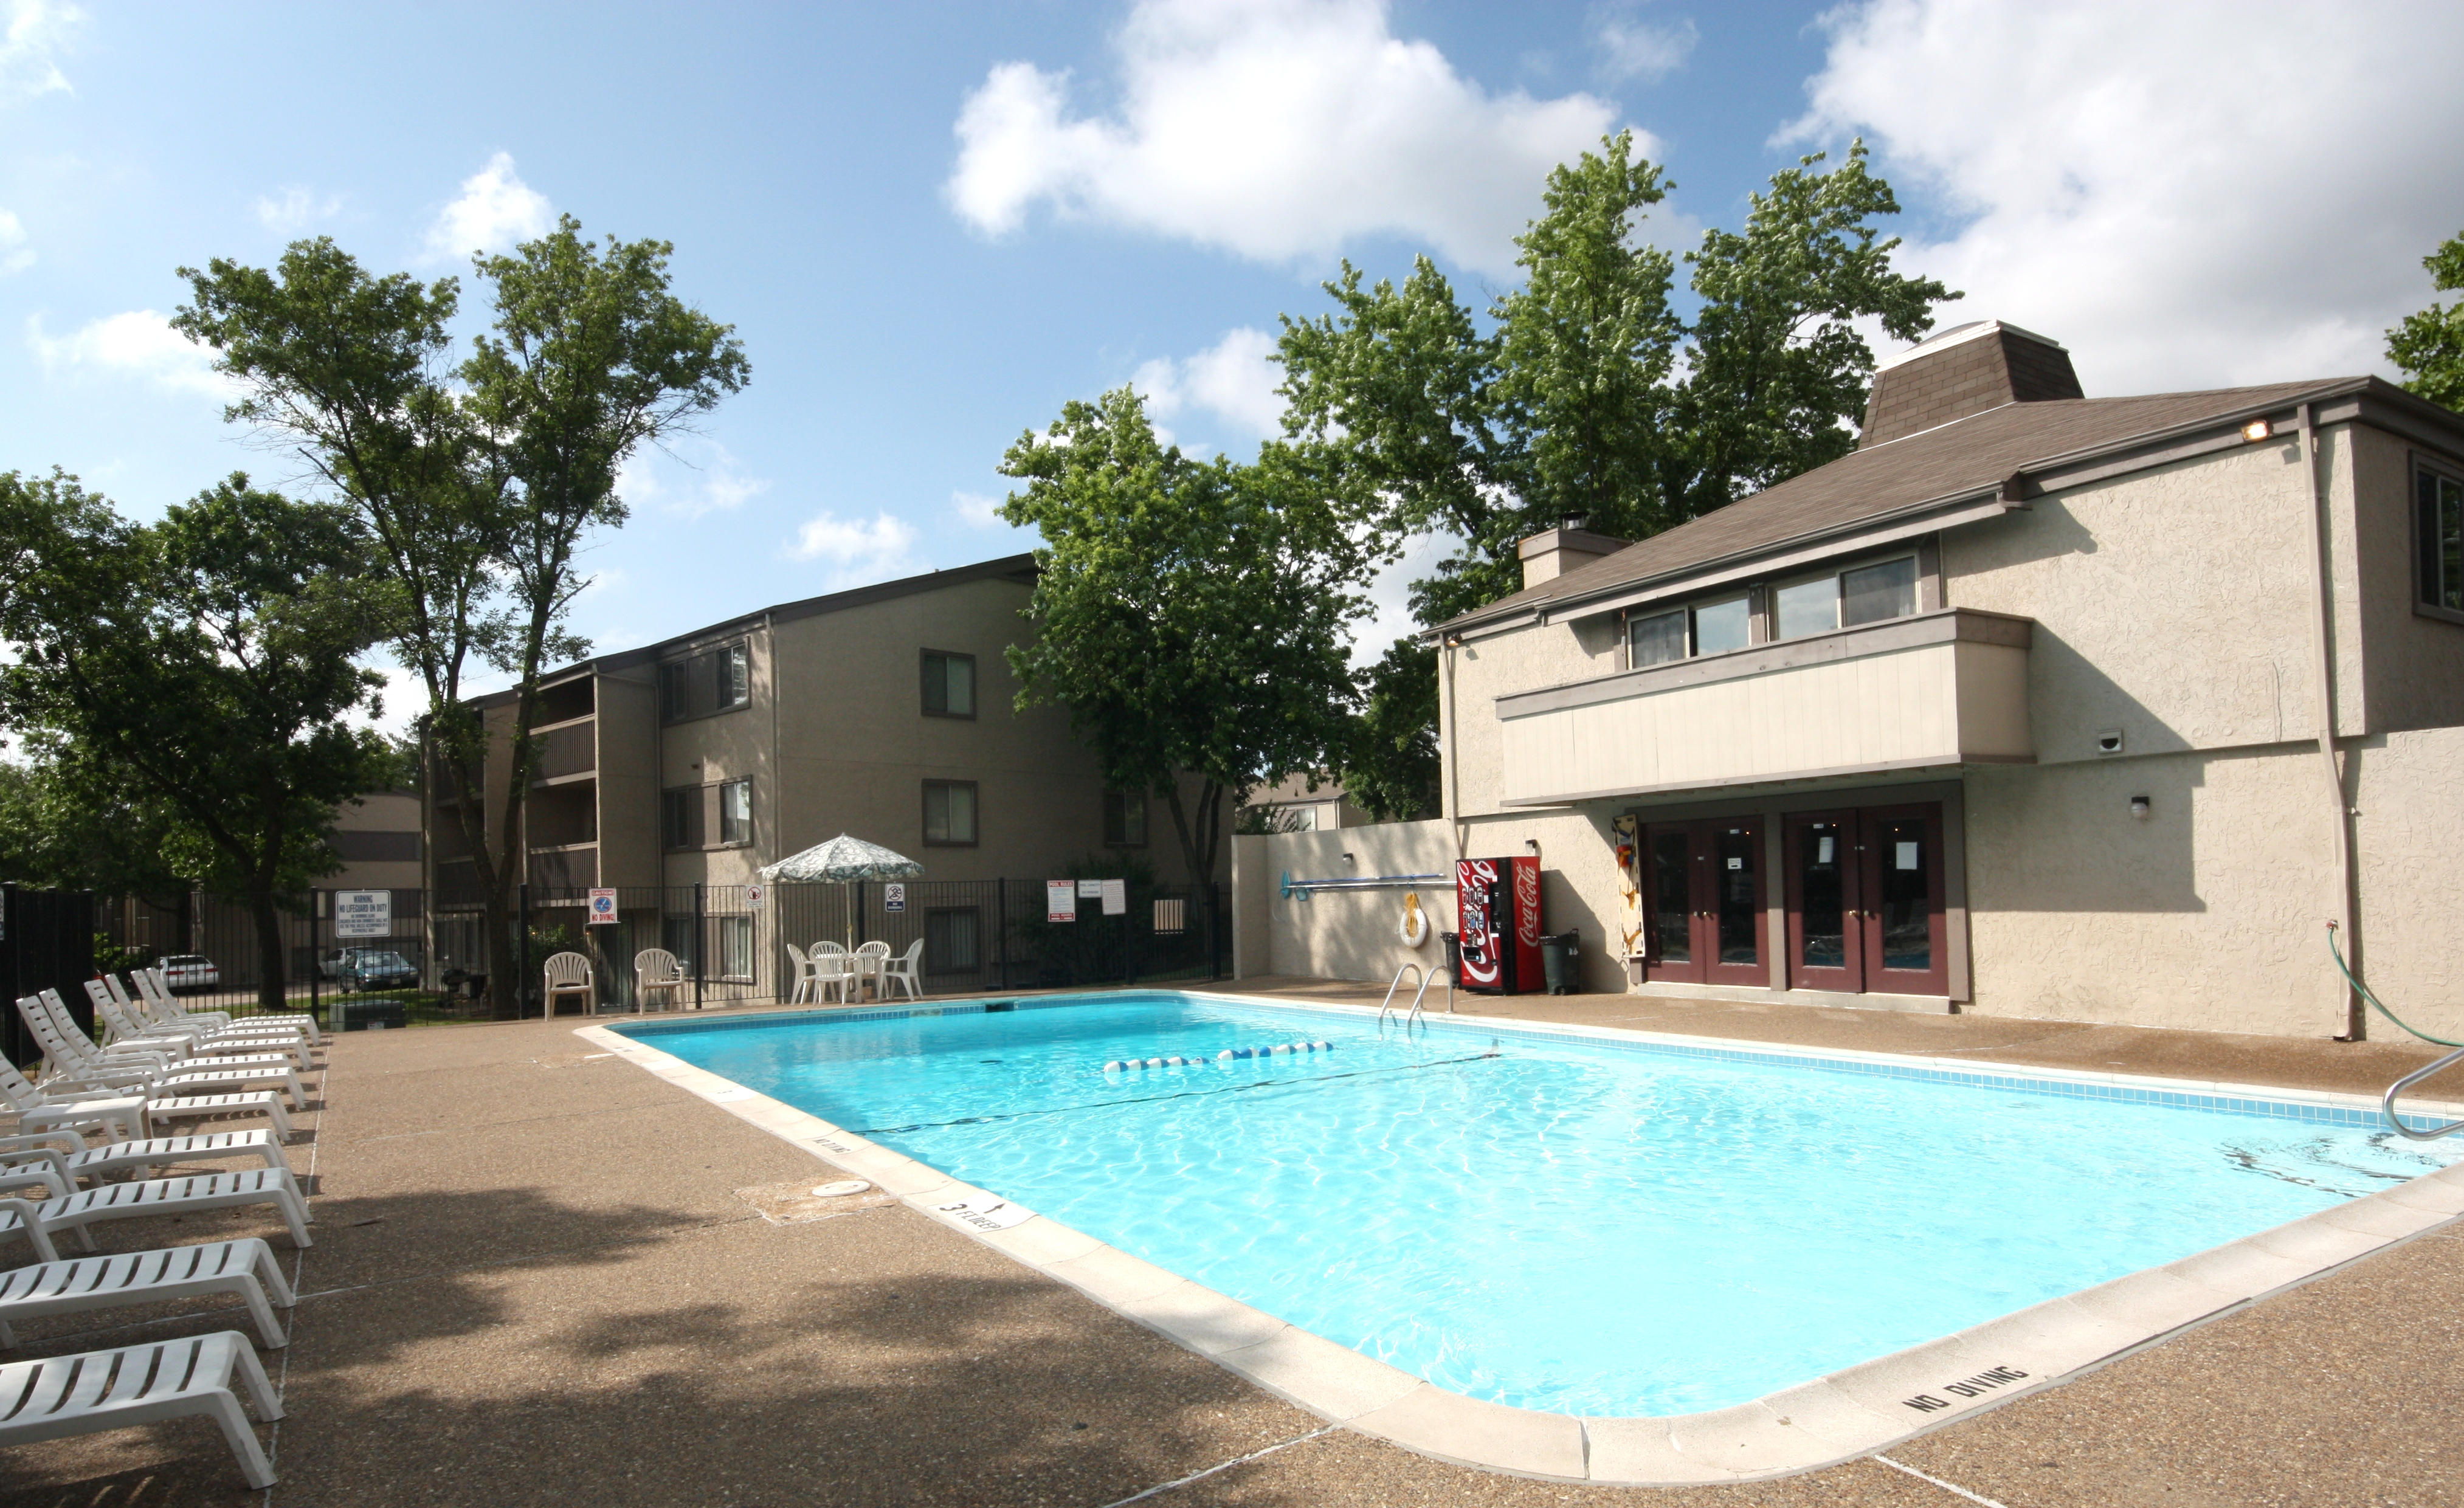 Waterford West pool 2